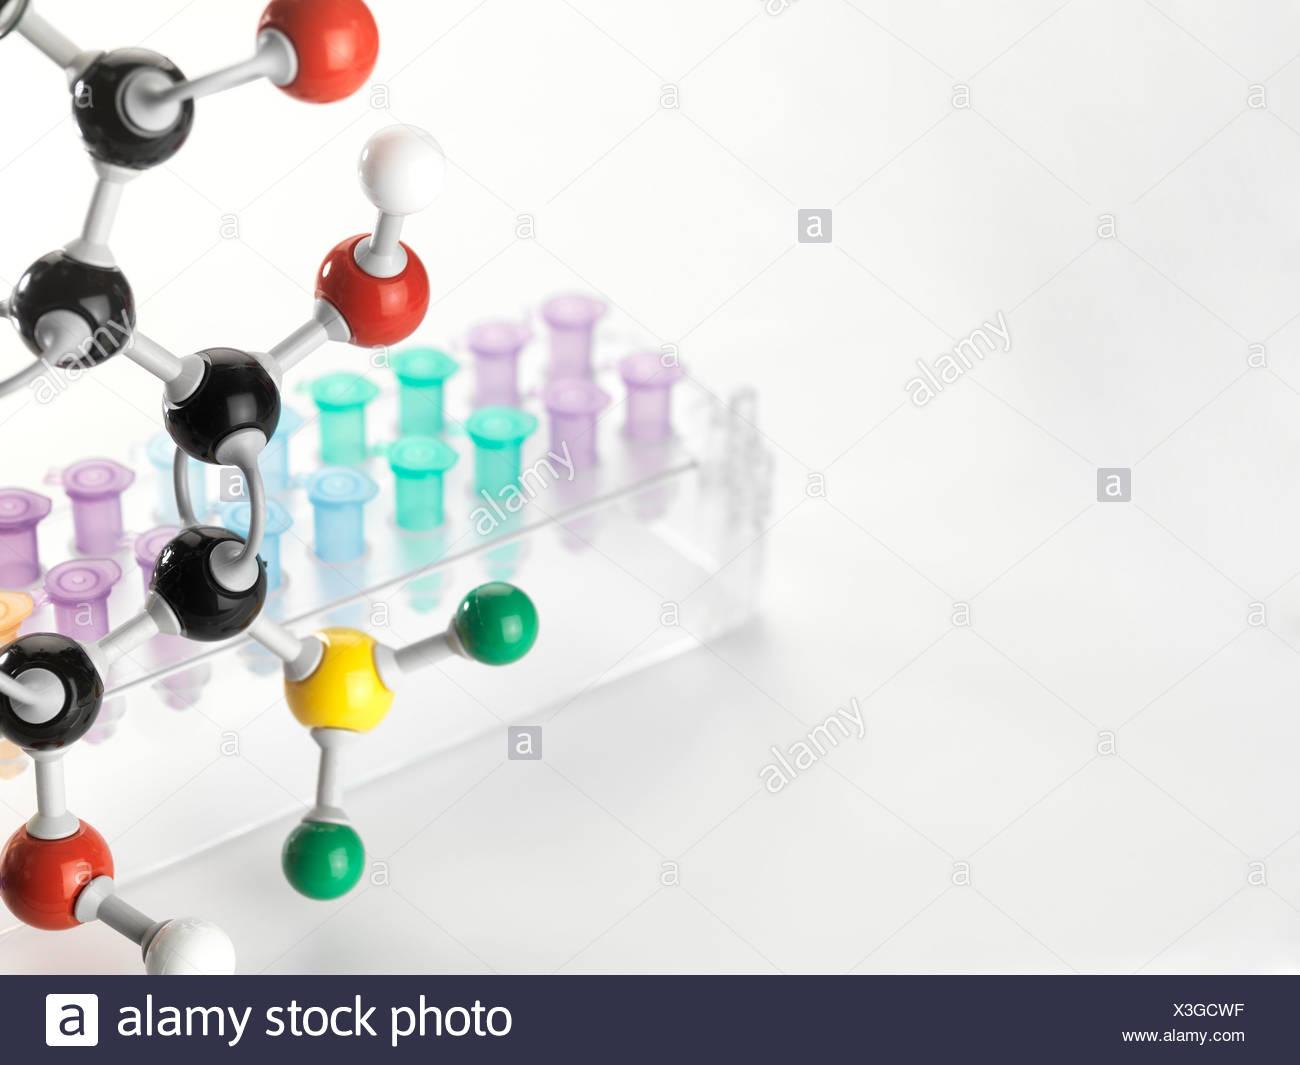 Chemische Forschung Konzeptbild Stockbild